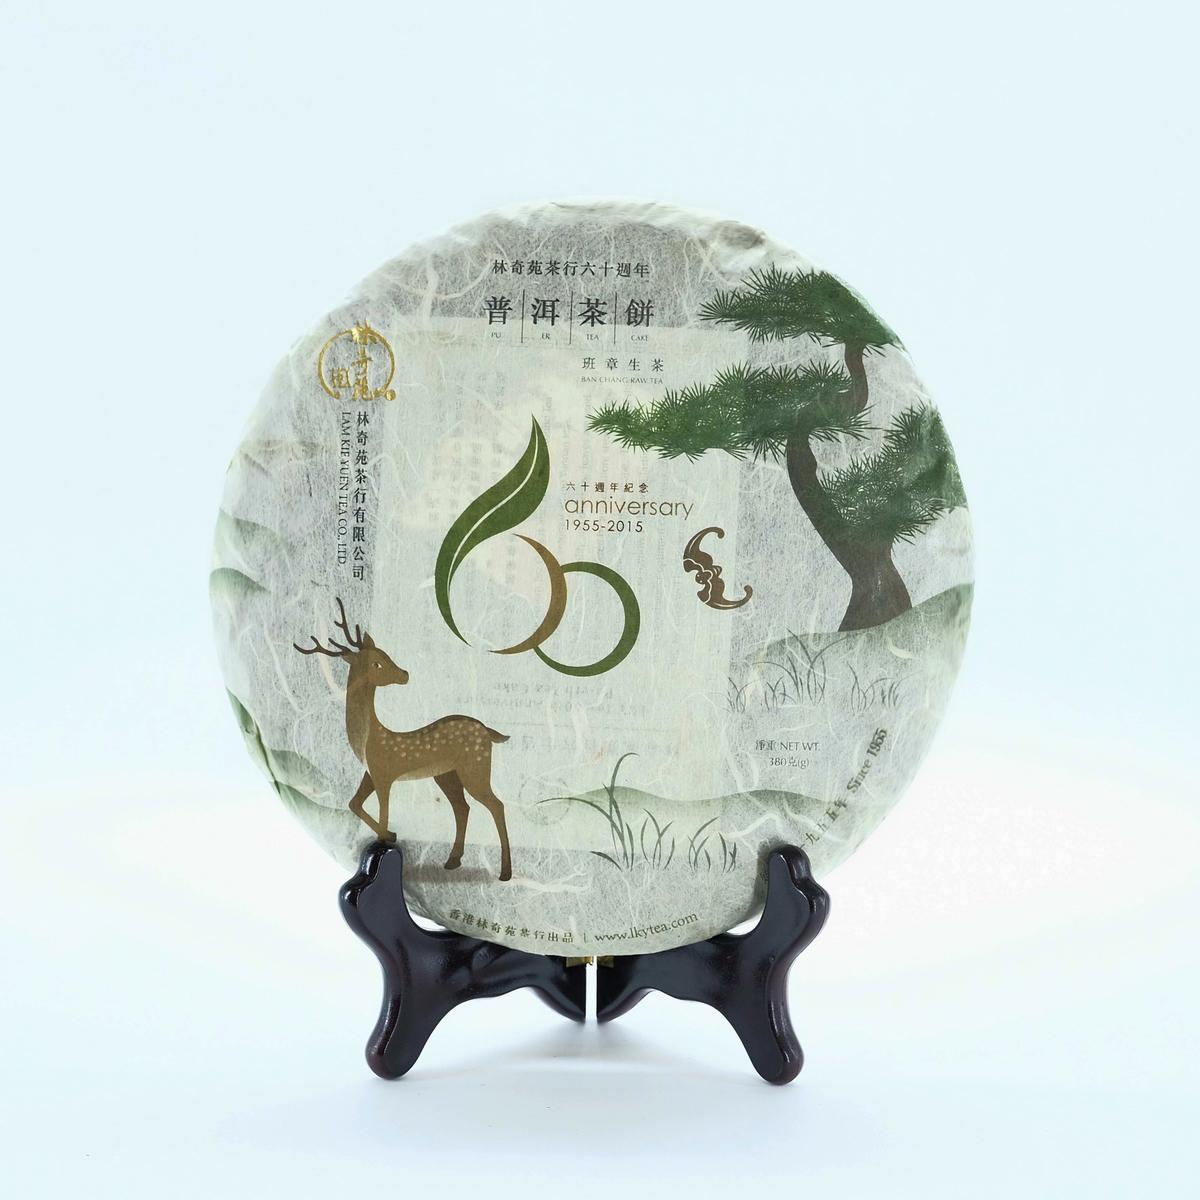 林奇苑六十週年紀念餅 - 380克